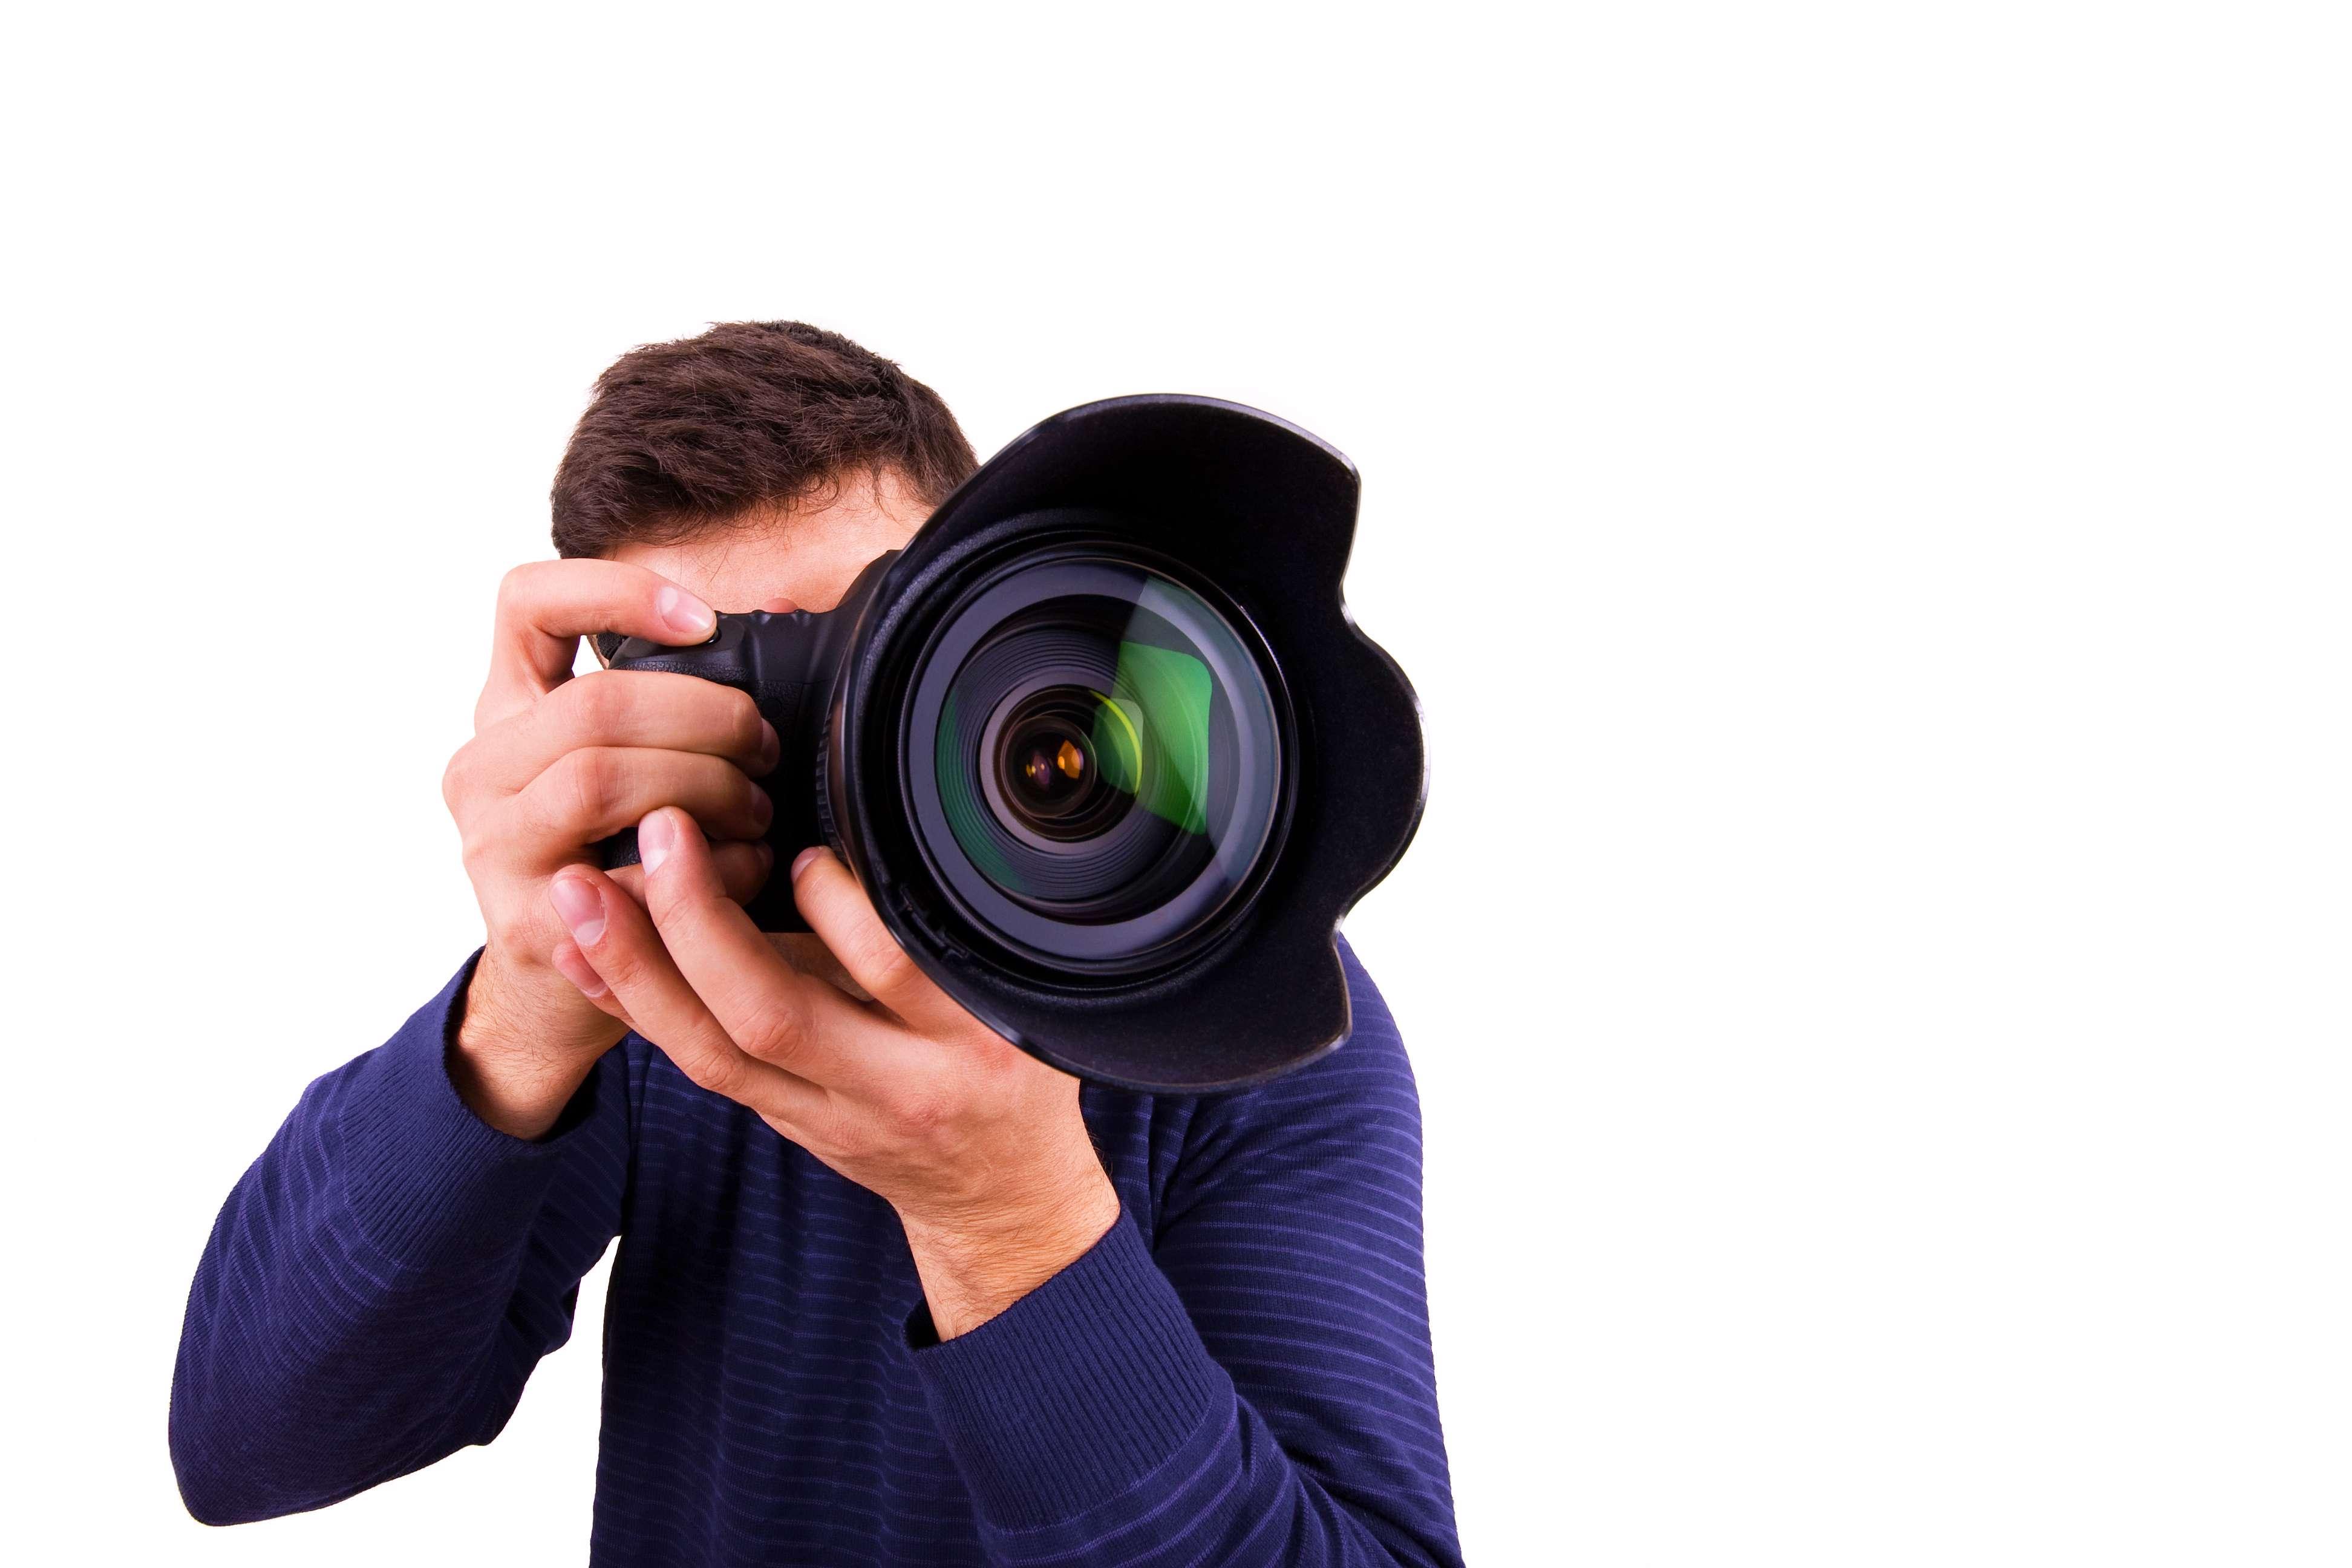 عکاسی حرفه ای گنجینه تصاویر تبيان -موسسه فرهنگی و اطلاع رسانی تبیان